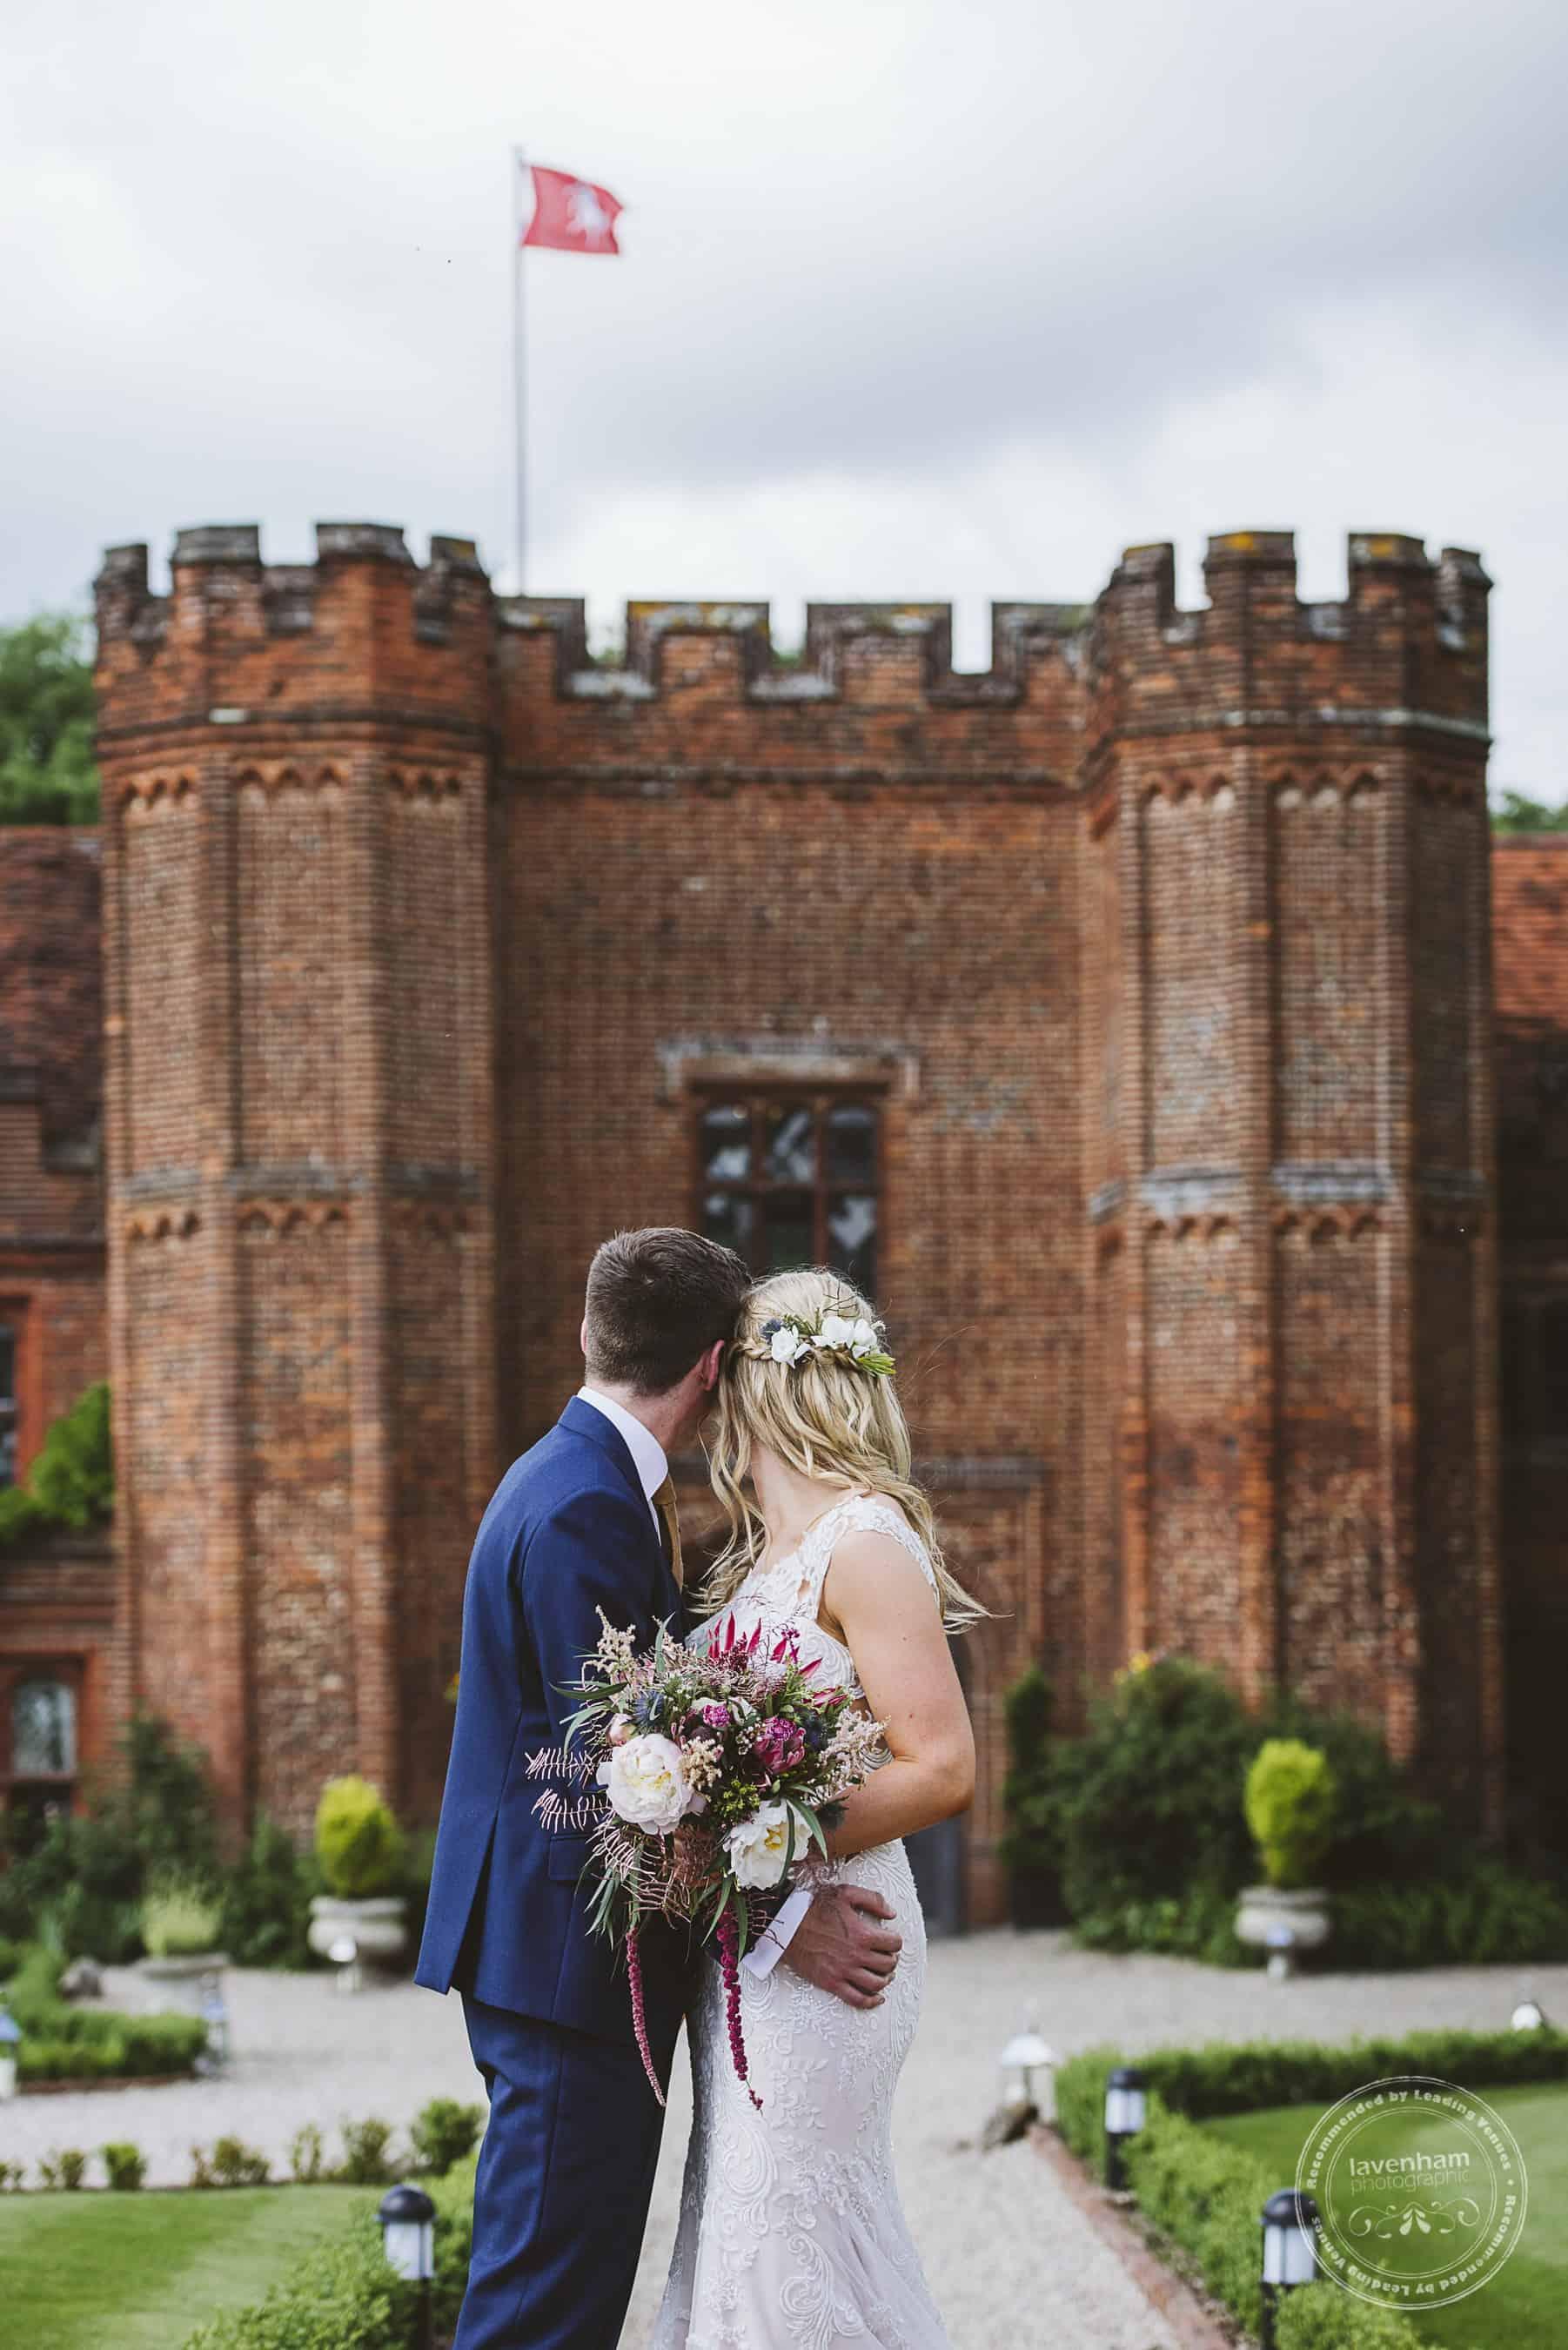 020618 Leez Priory Wedding Photography Lavenham Photographic 135